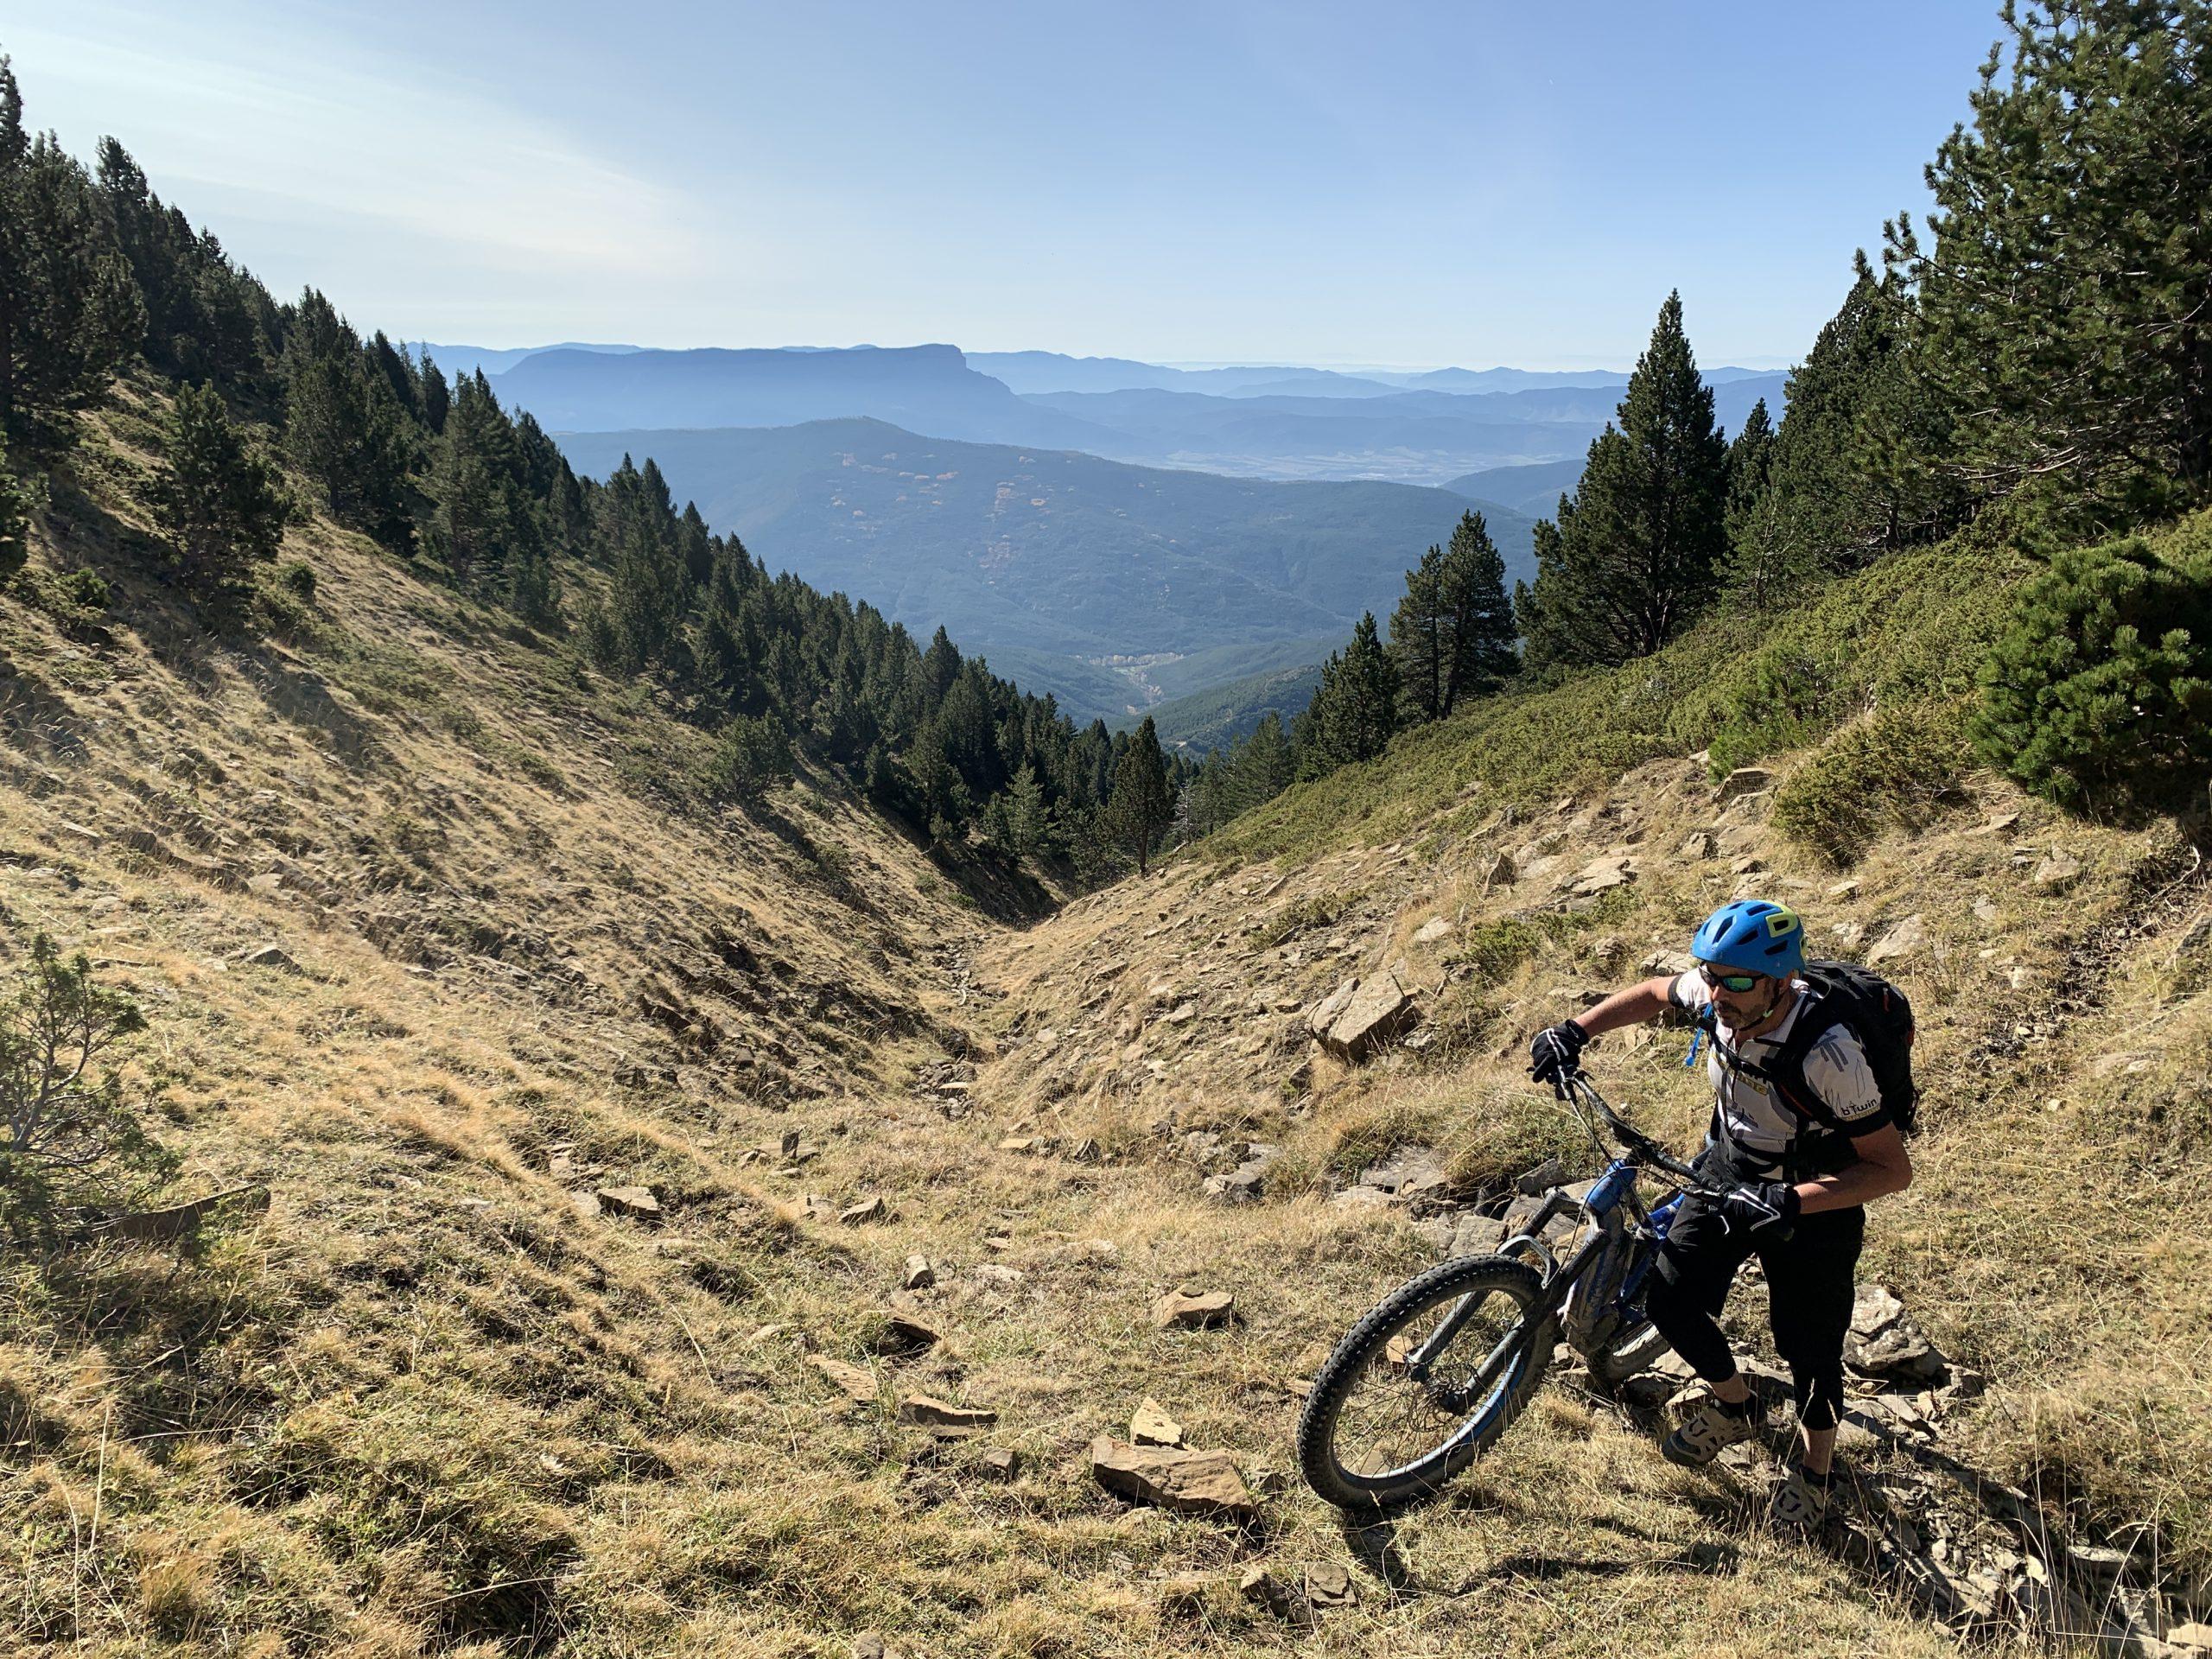 Porteo muy duro por el barranco, pero con una vista magnífica del valle, con el Oroel destacando al fondo